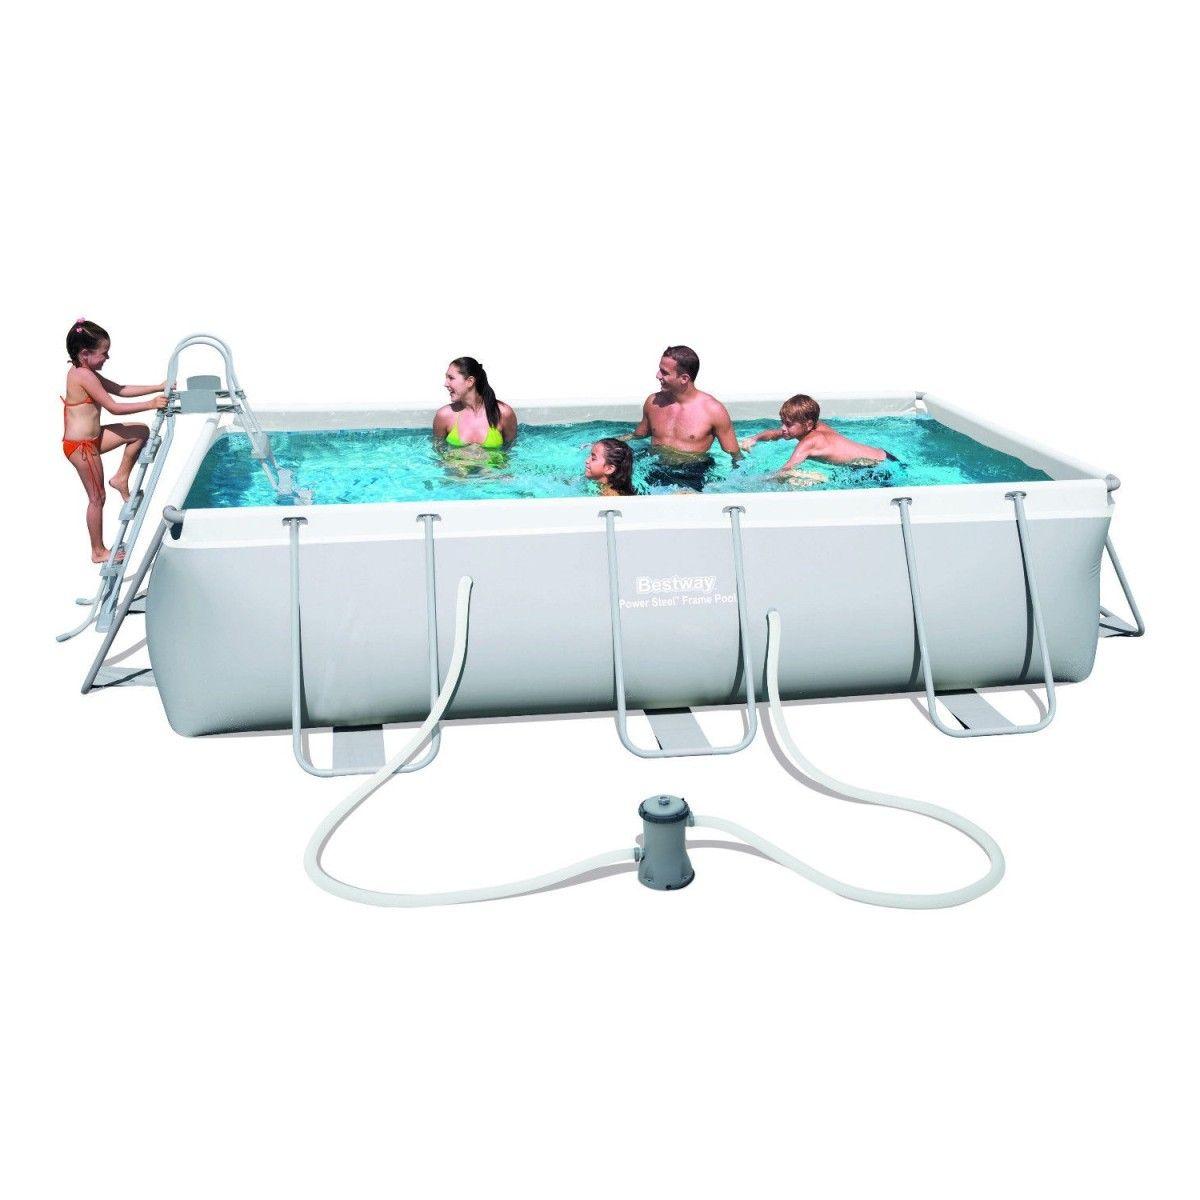 Теплоообменники для бассейна Подольск Пластинчатый разборный аппарат Росвеп GX-140P Миасс